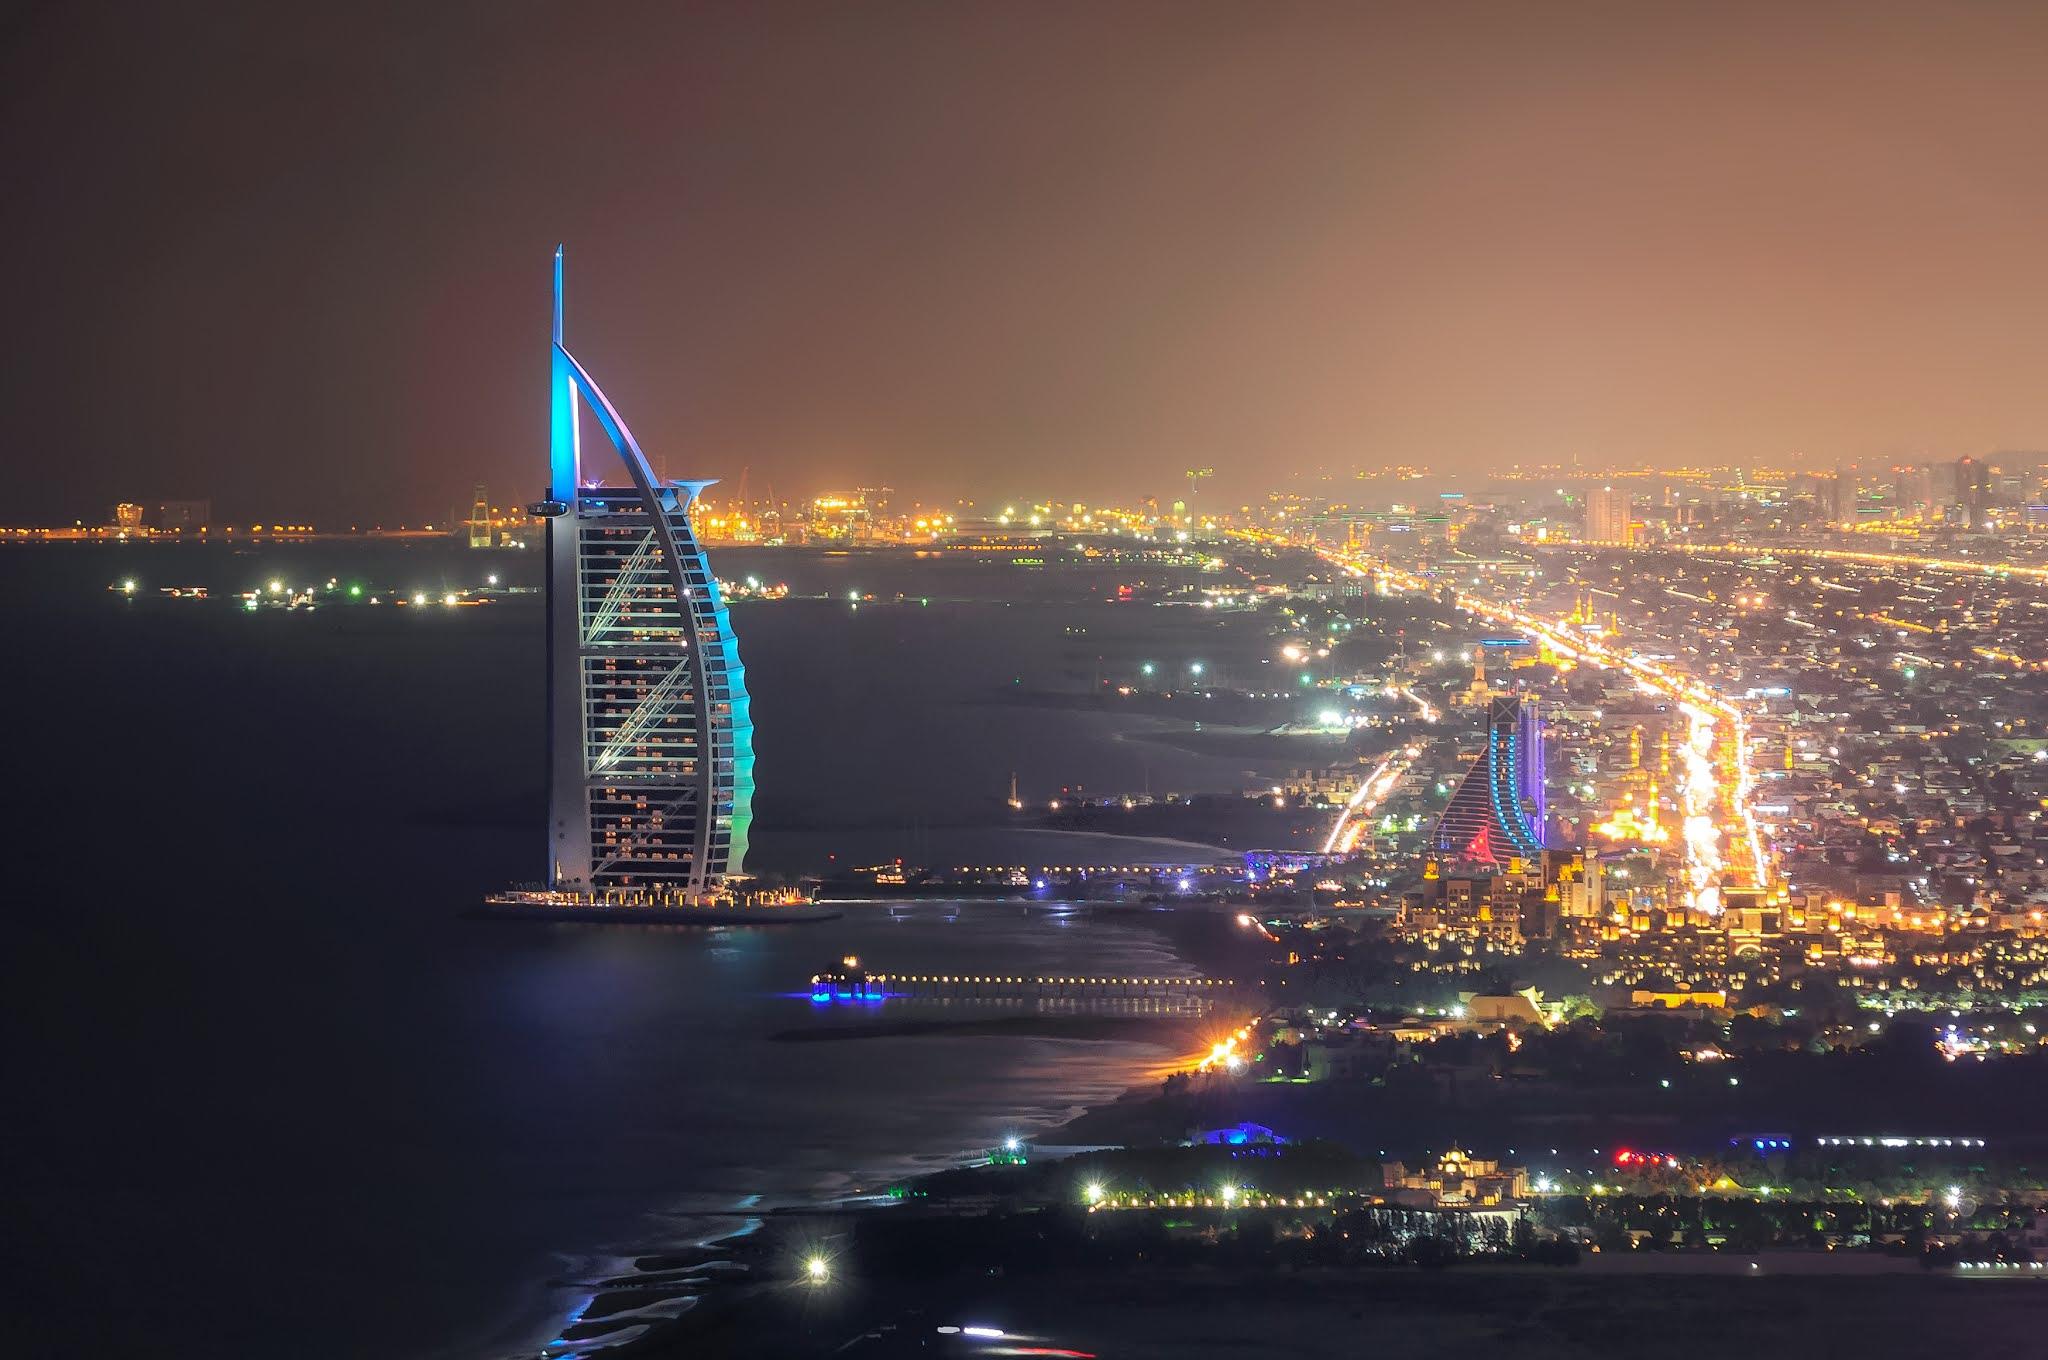 مبادرة جديدة لتعزيز قطاع السياحة في دبي Dubai وكأفضل مدينة للعيش والعمل